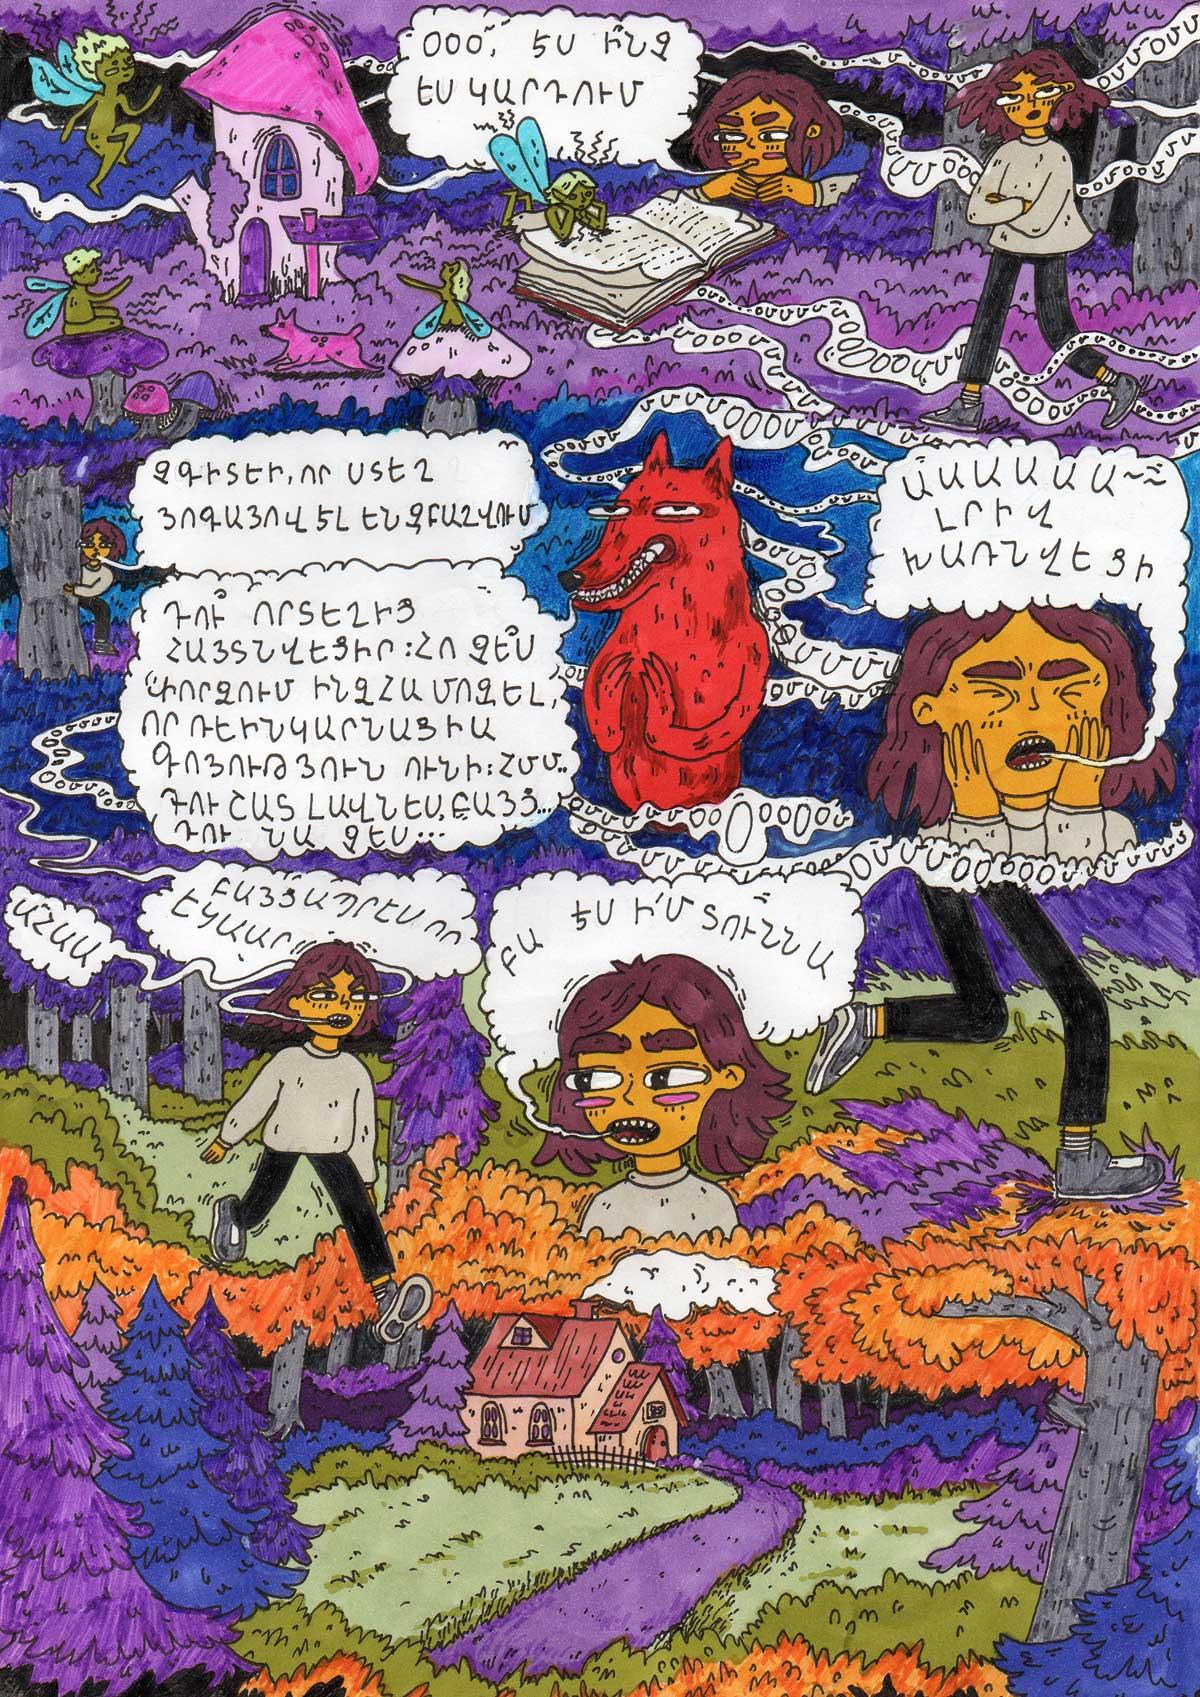 larisa musayelyan 2 - TumoZine Comics with Shamiram Khachatryan